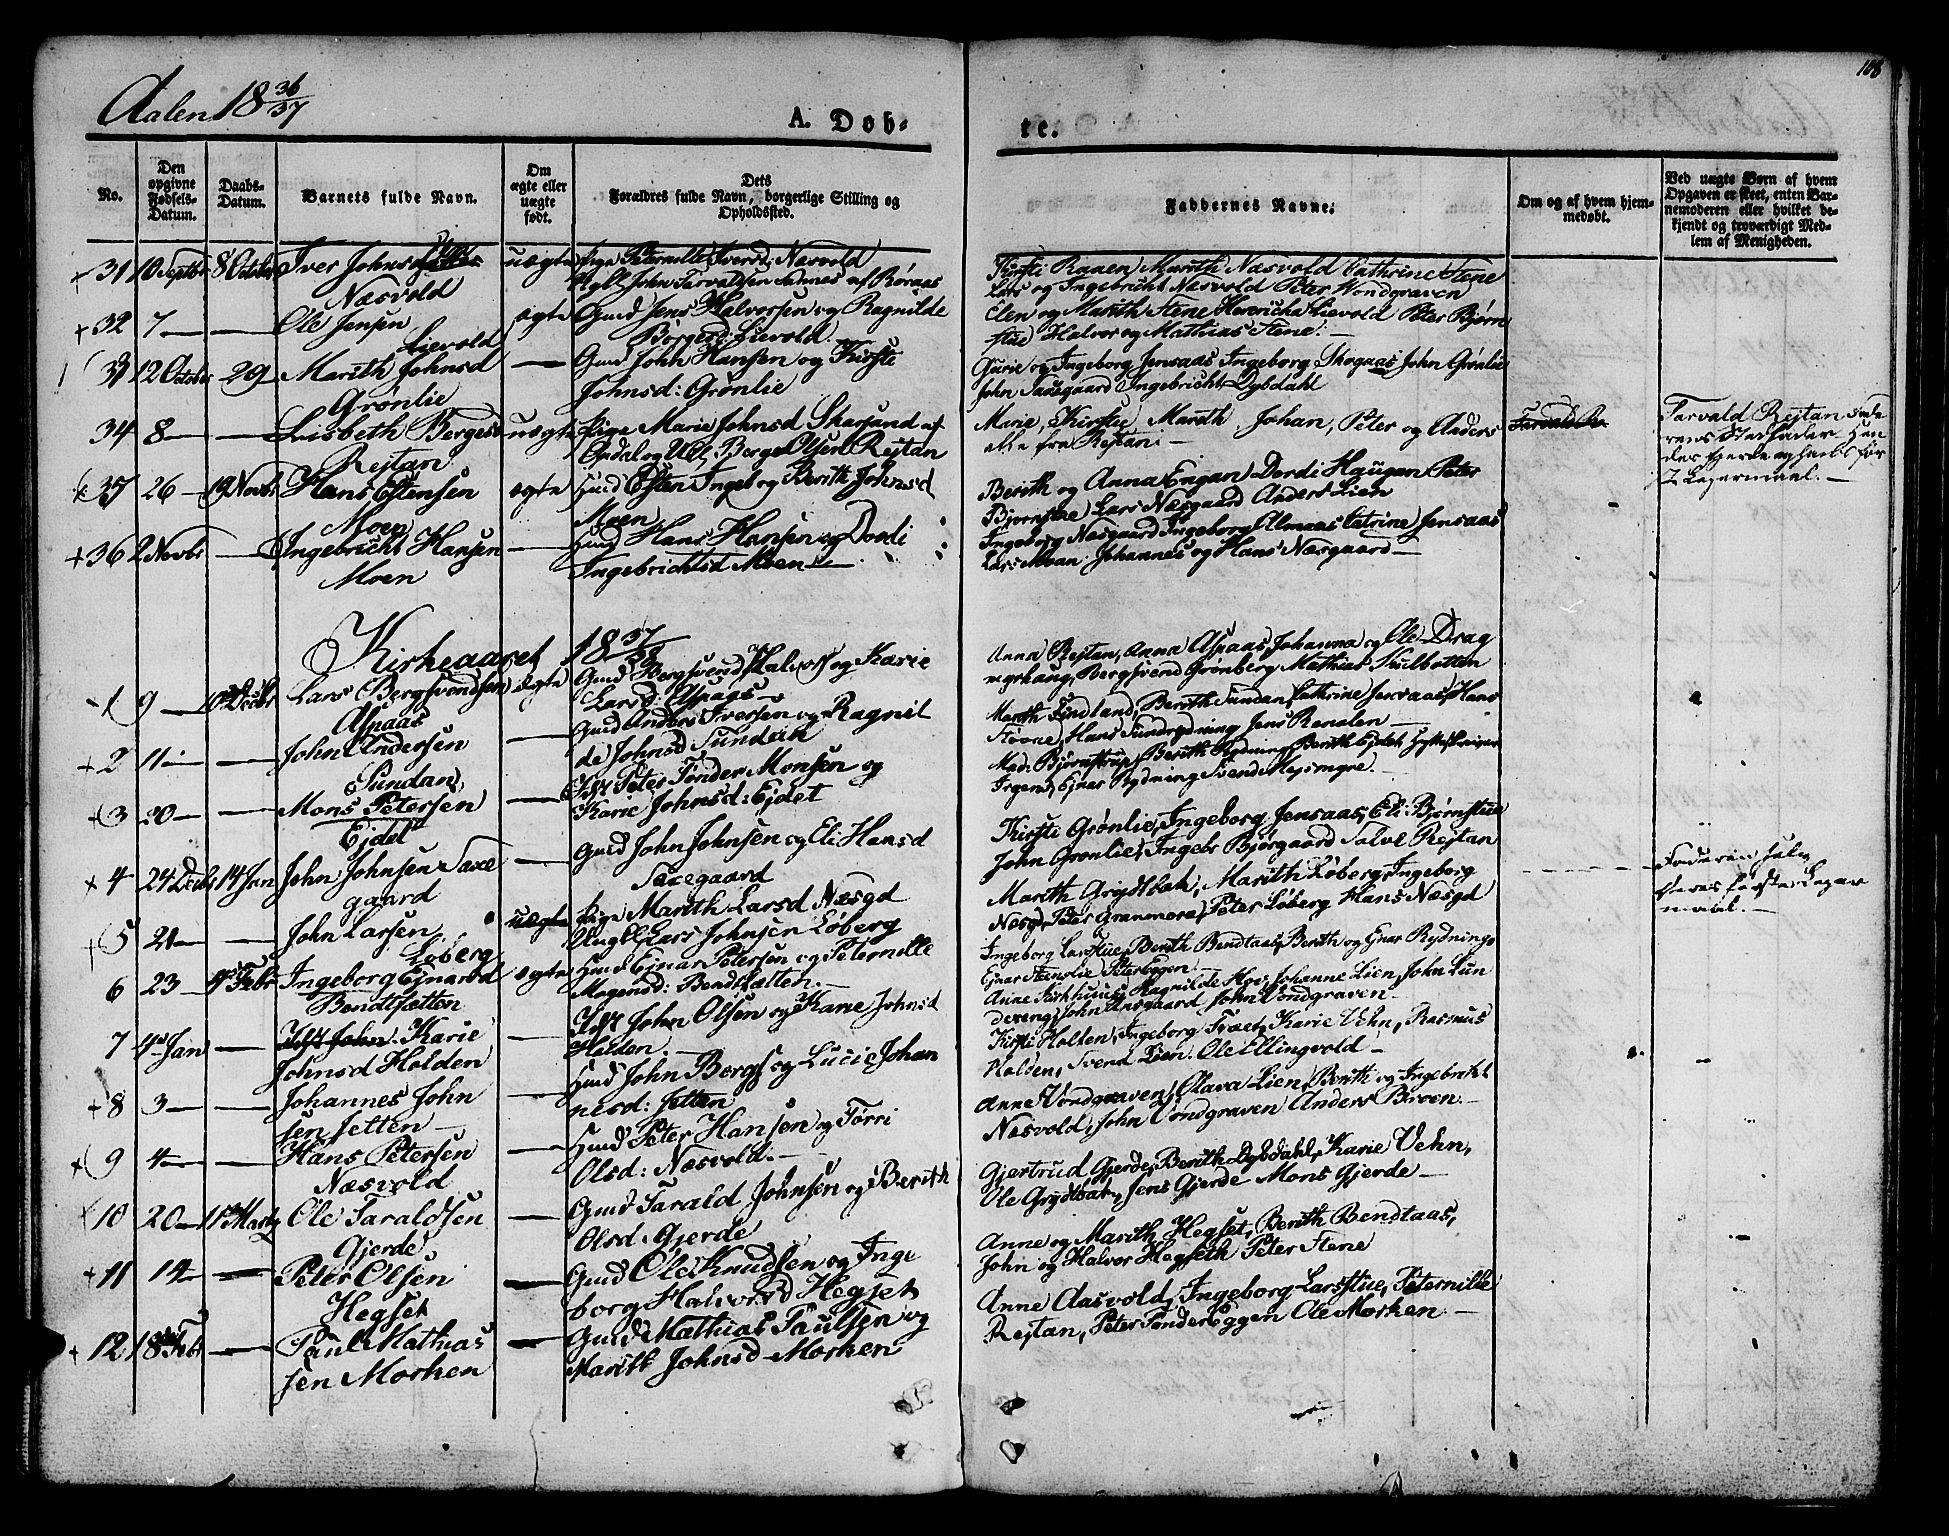 SAT, Ministerialprotokoller, klokkerbøker og fødselsregistre - Sør-Trøndelag, 685/L0959: Ministerialbok nr. 685A04 /3, 1829-1845, s. 108